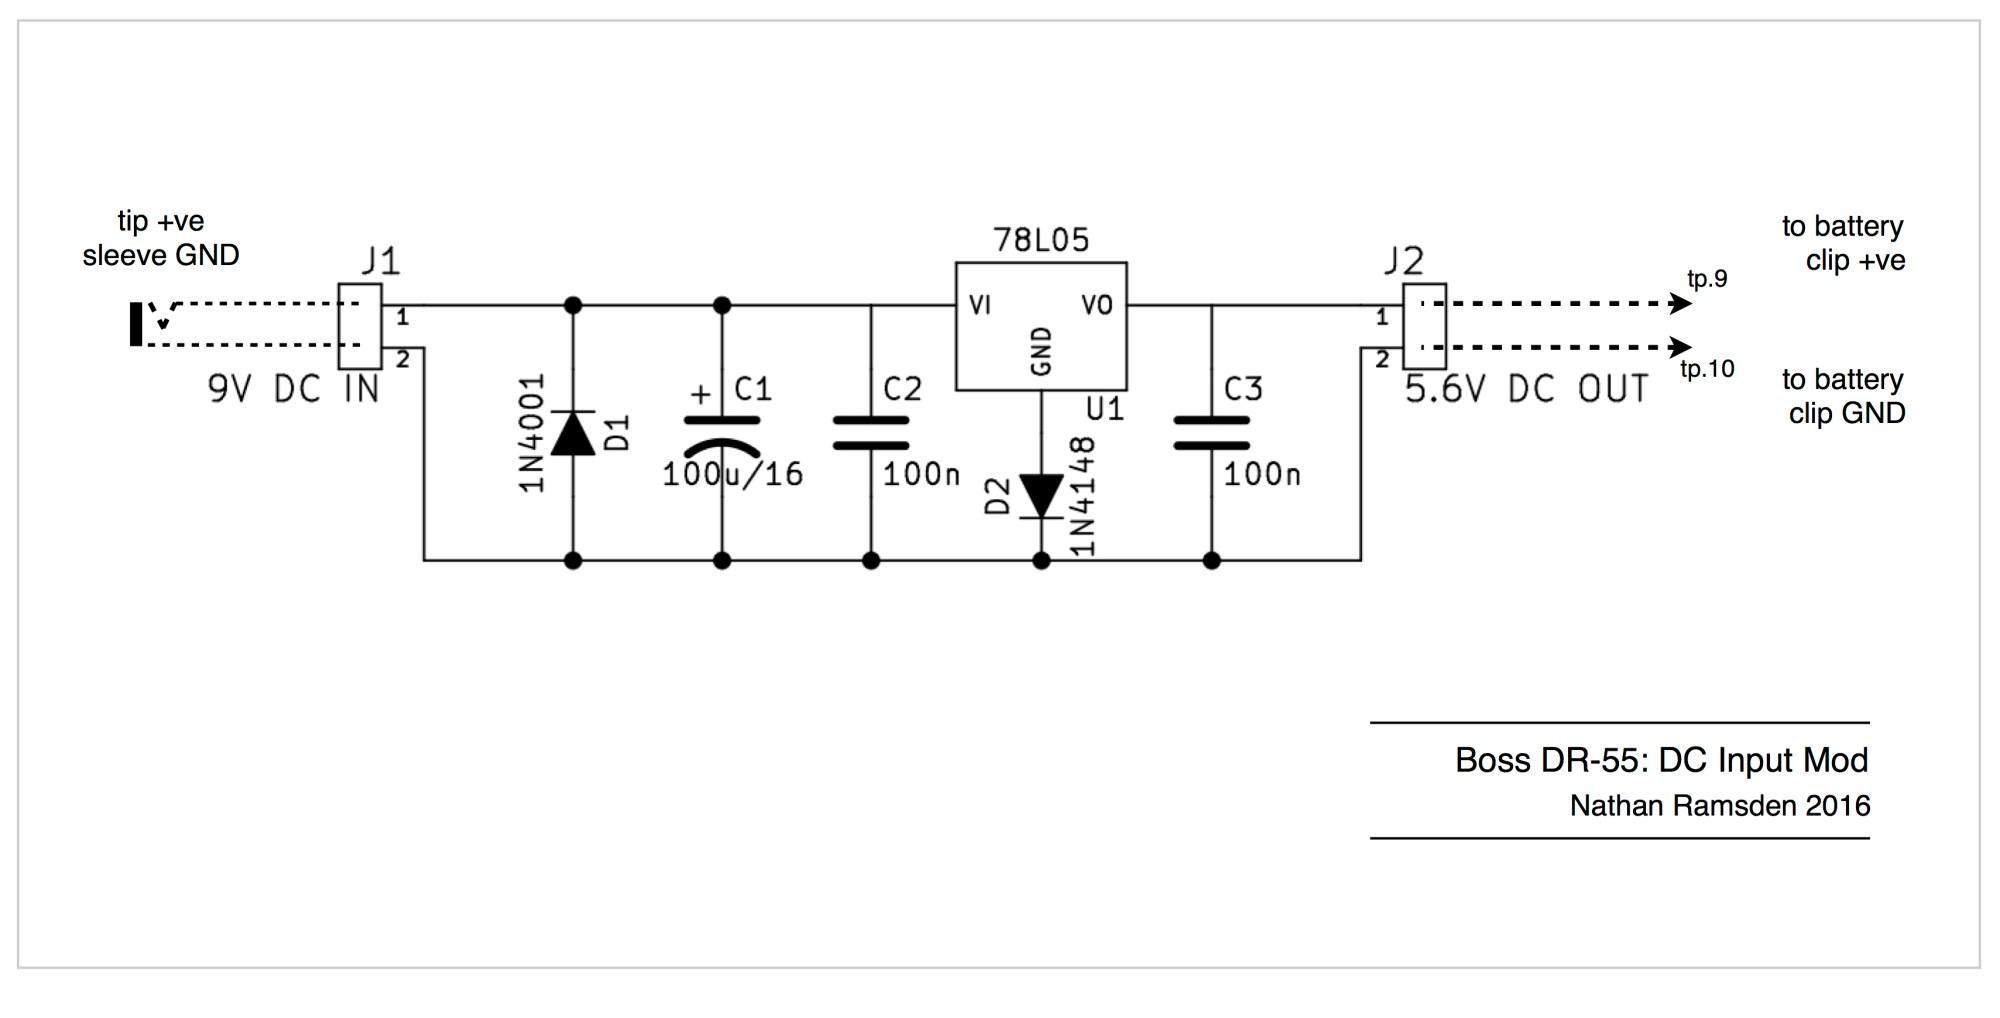 hight resolution of boss dr 55 dc input mod schematic